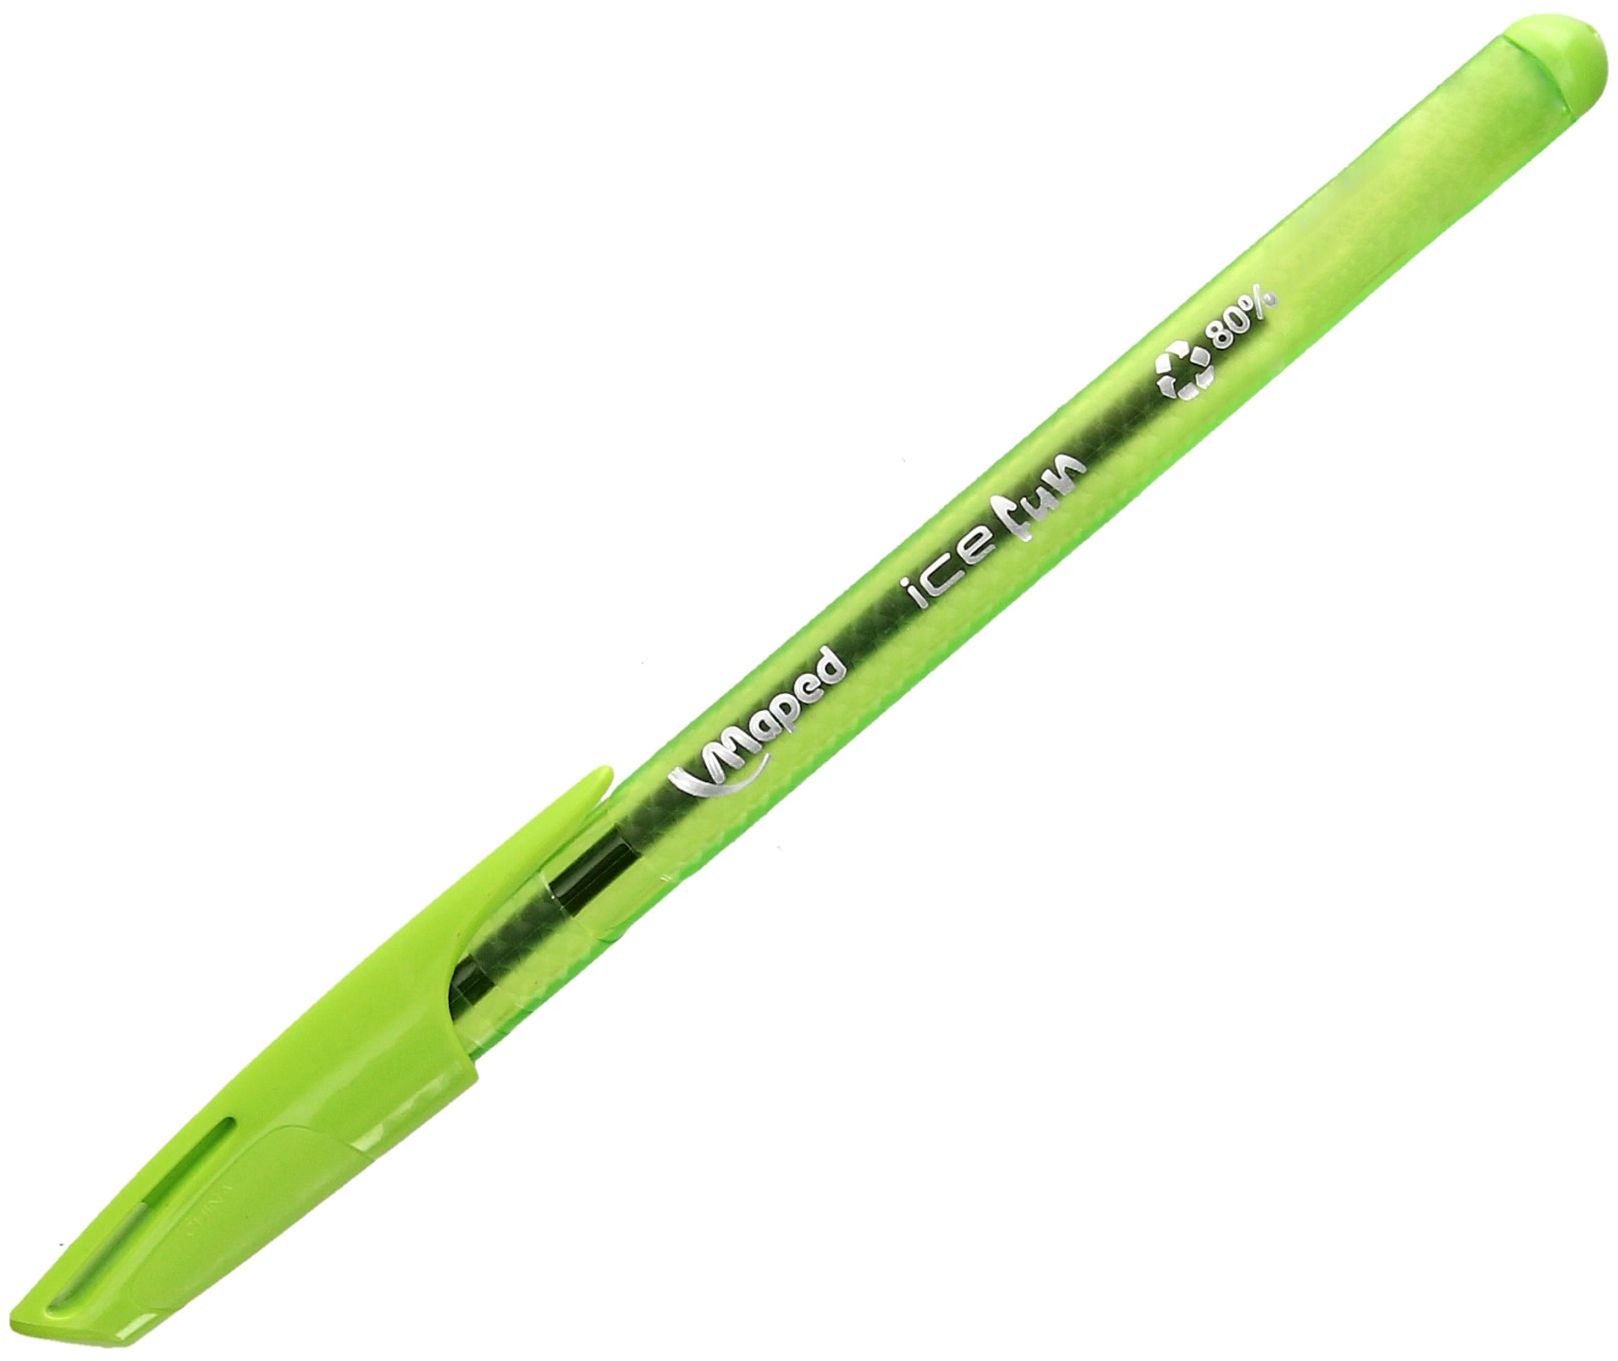 Długopis jasnozielony Ice Fun Maped 224553